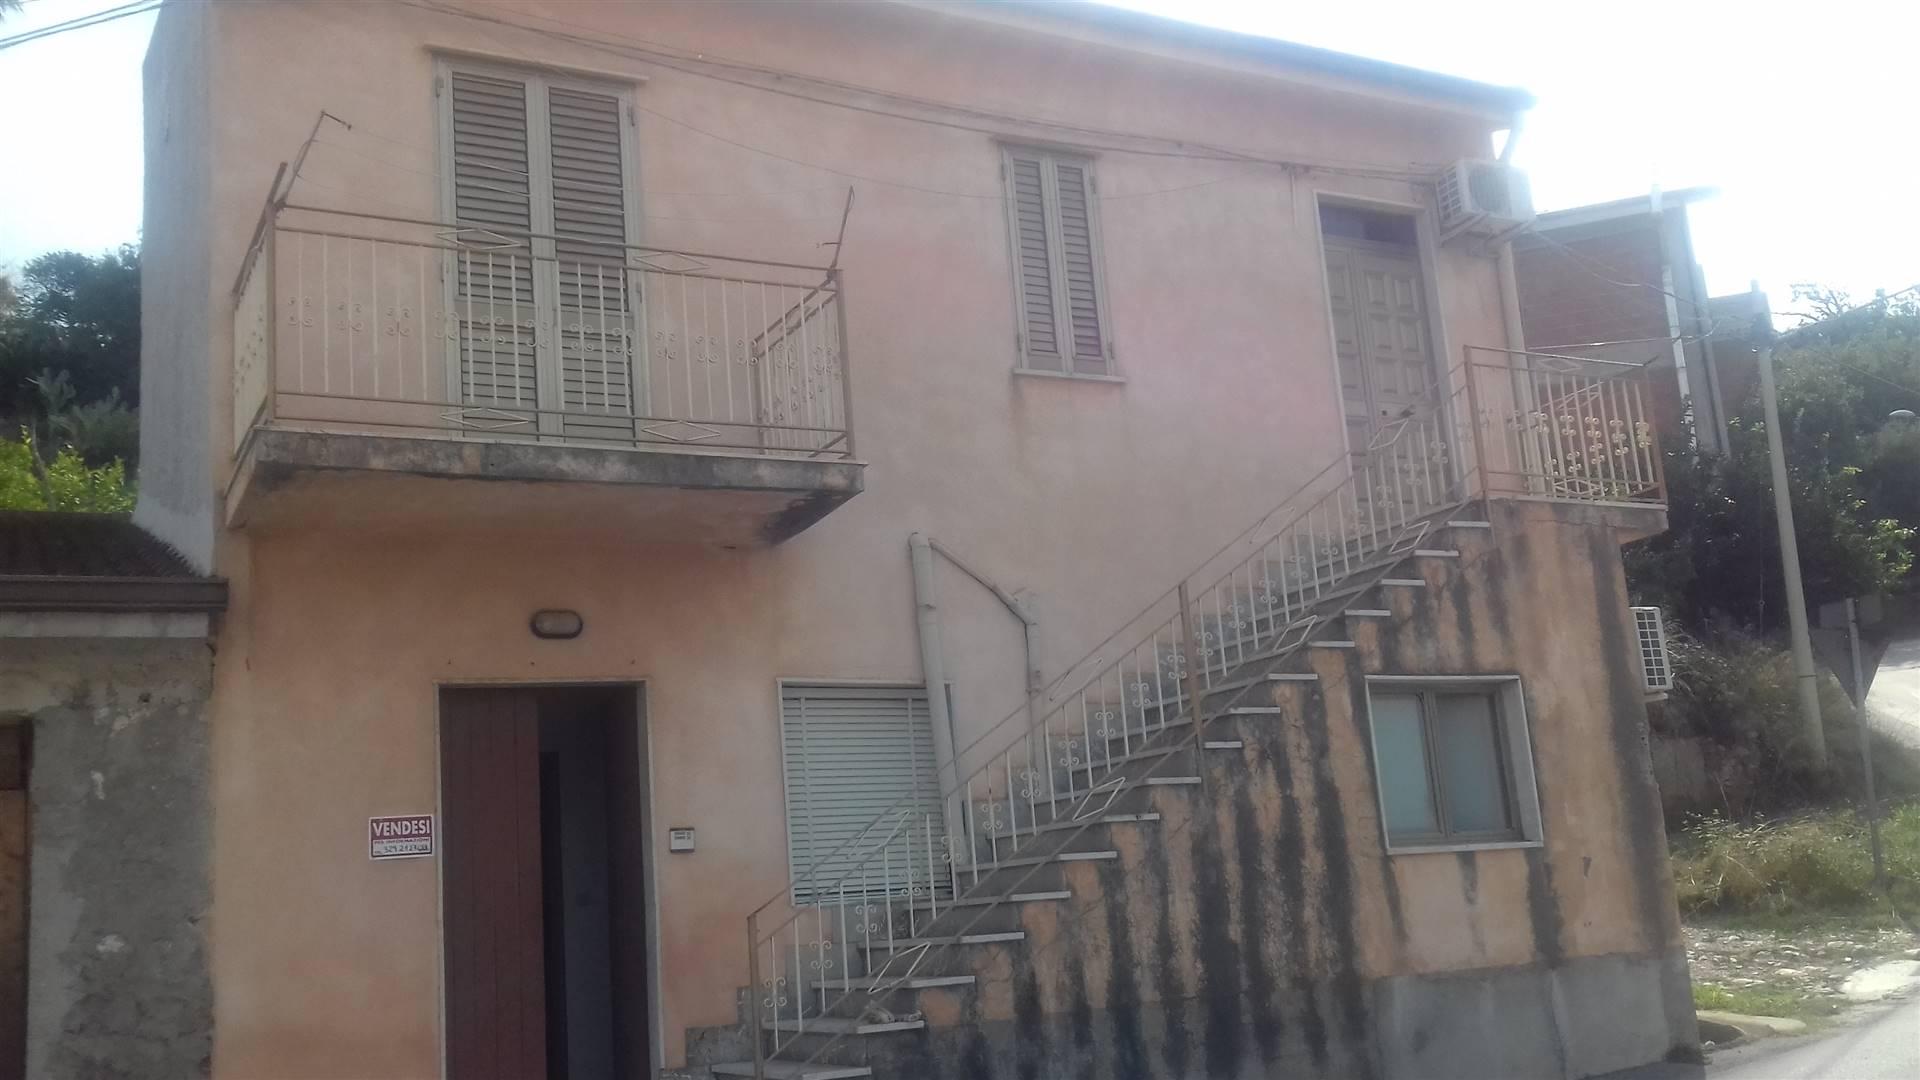 Soluzione Indipendente in vendita a Torrenova, 5 locali, zona Località: TORRENOVA, prezzo € 60.000 | CambioCasa.it